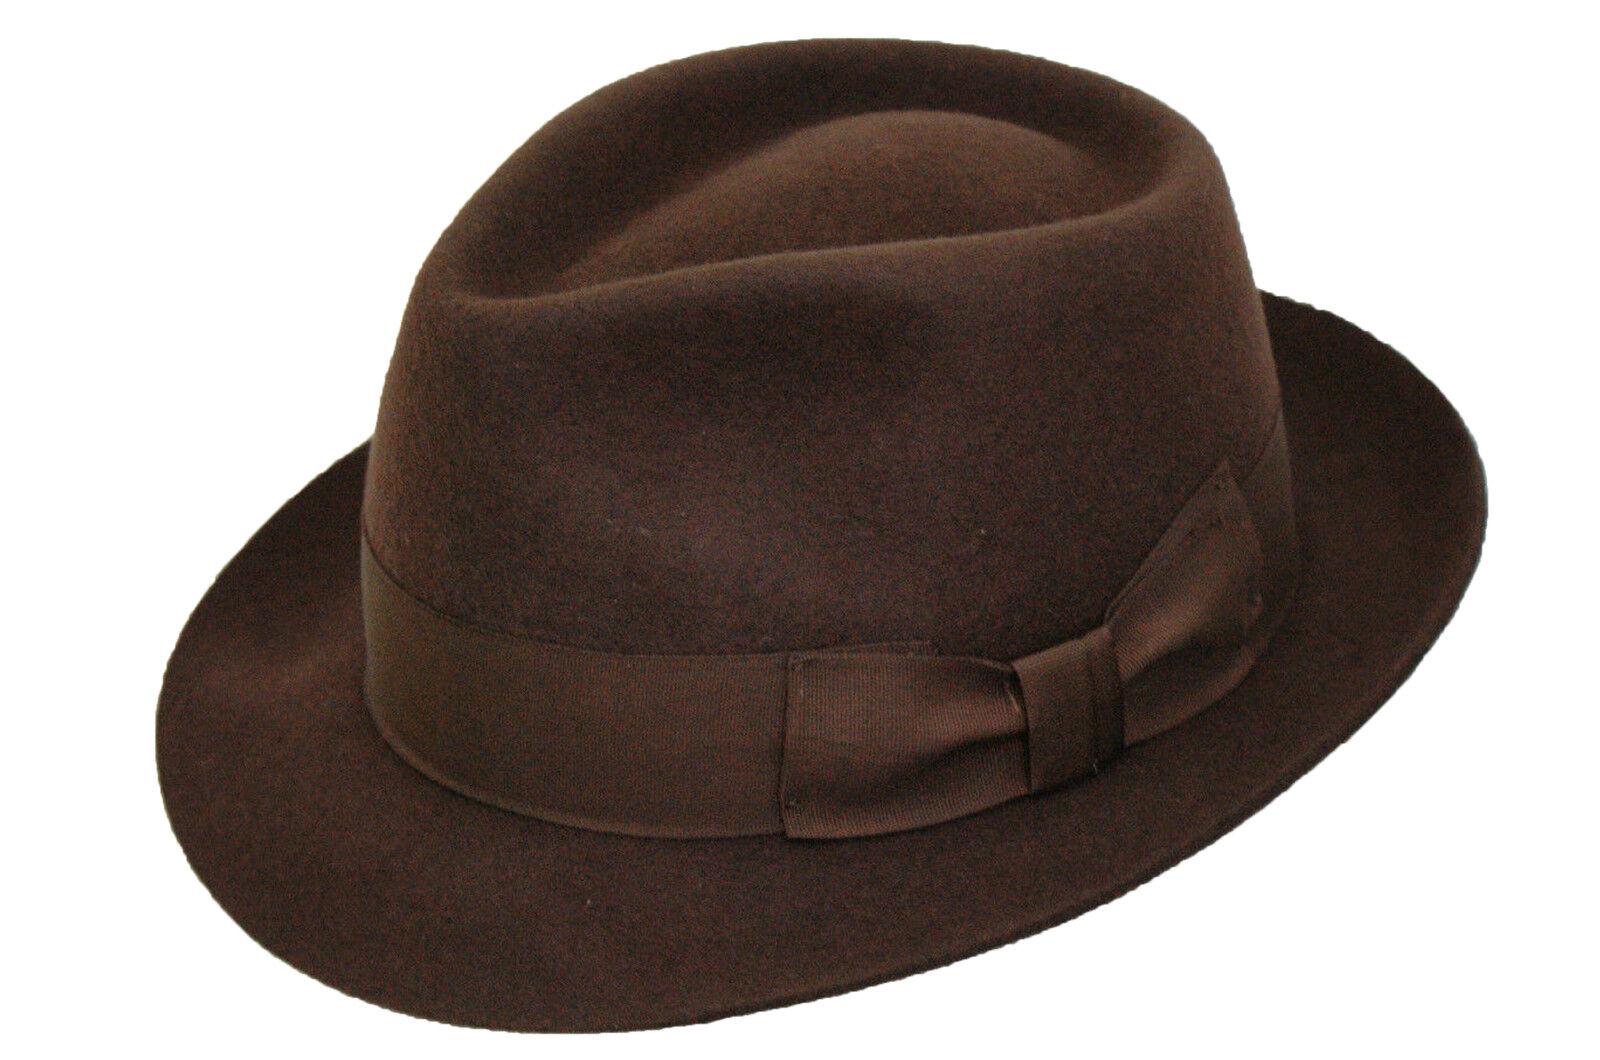 Herren 100% Wolle Handgefertigt Brown Manhattan Filz Fedora Hut Mit Breites Band